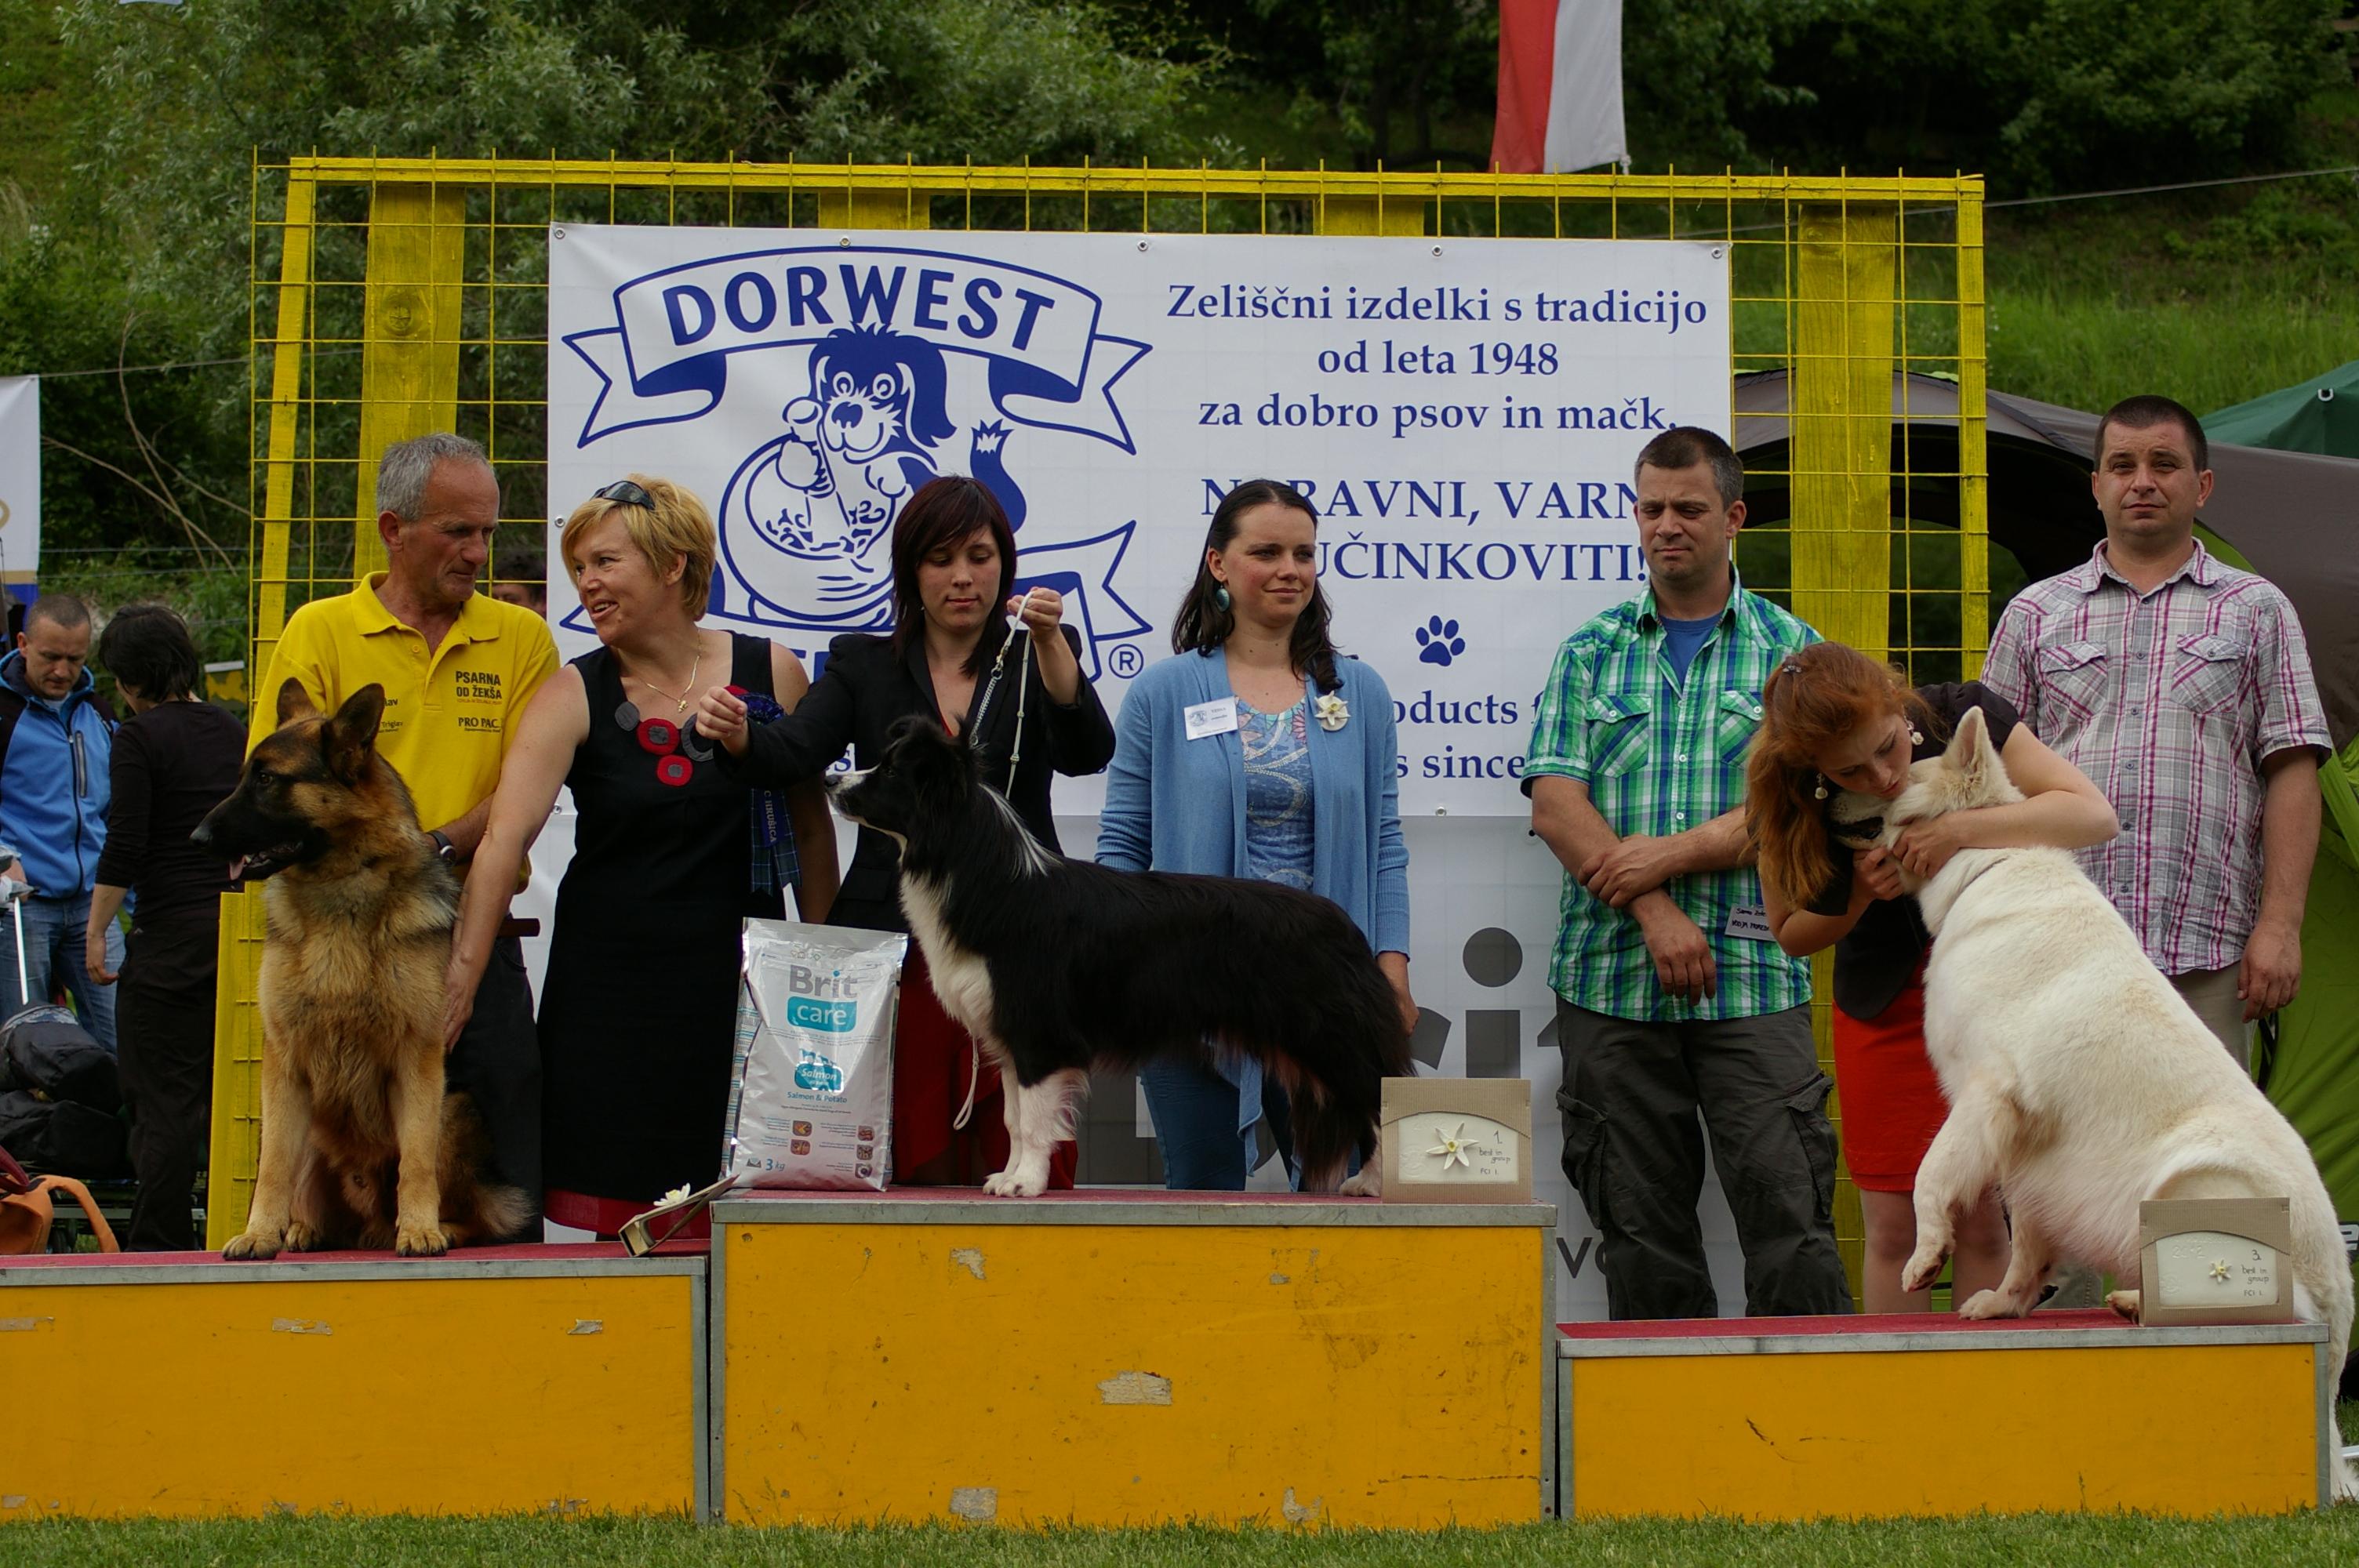 CAC Hrusica / SLO 27.05.2012